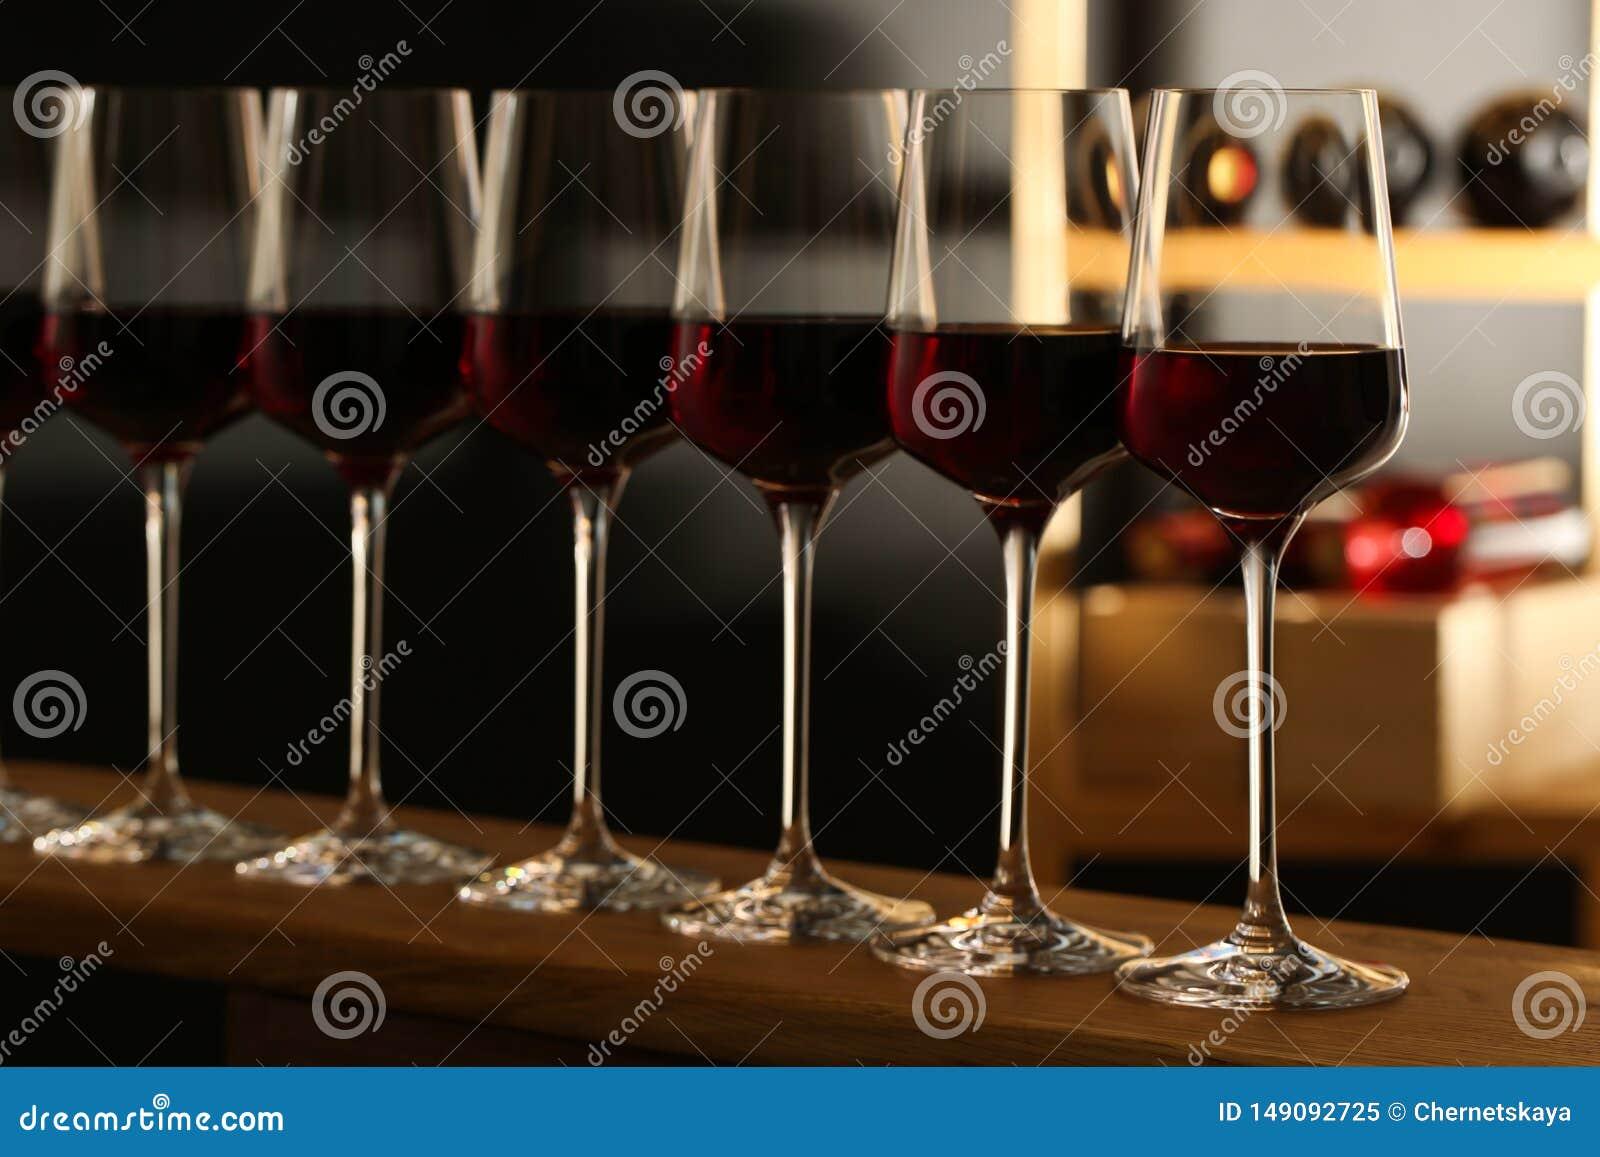 Verres de vin rouge dans la cave